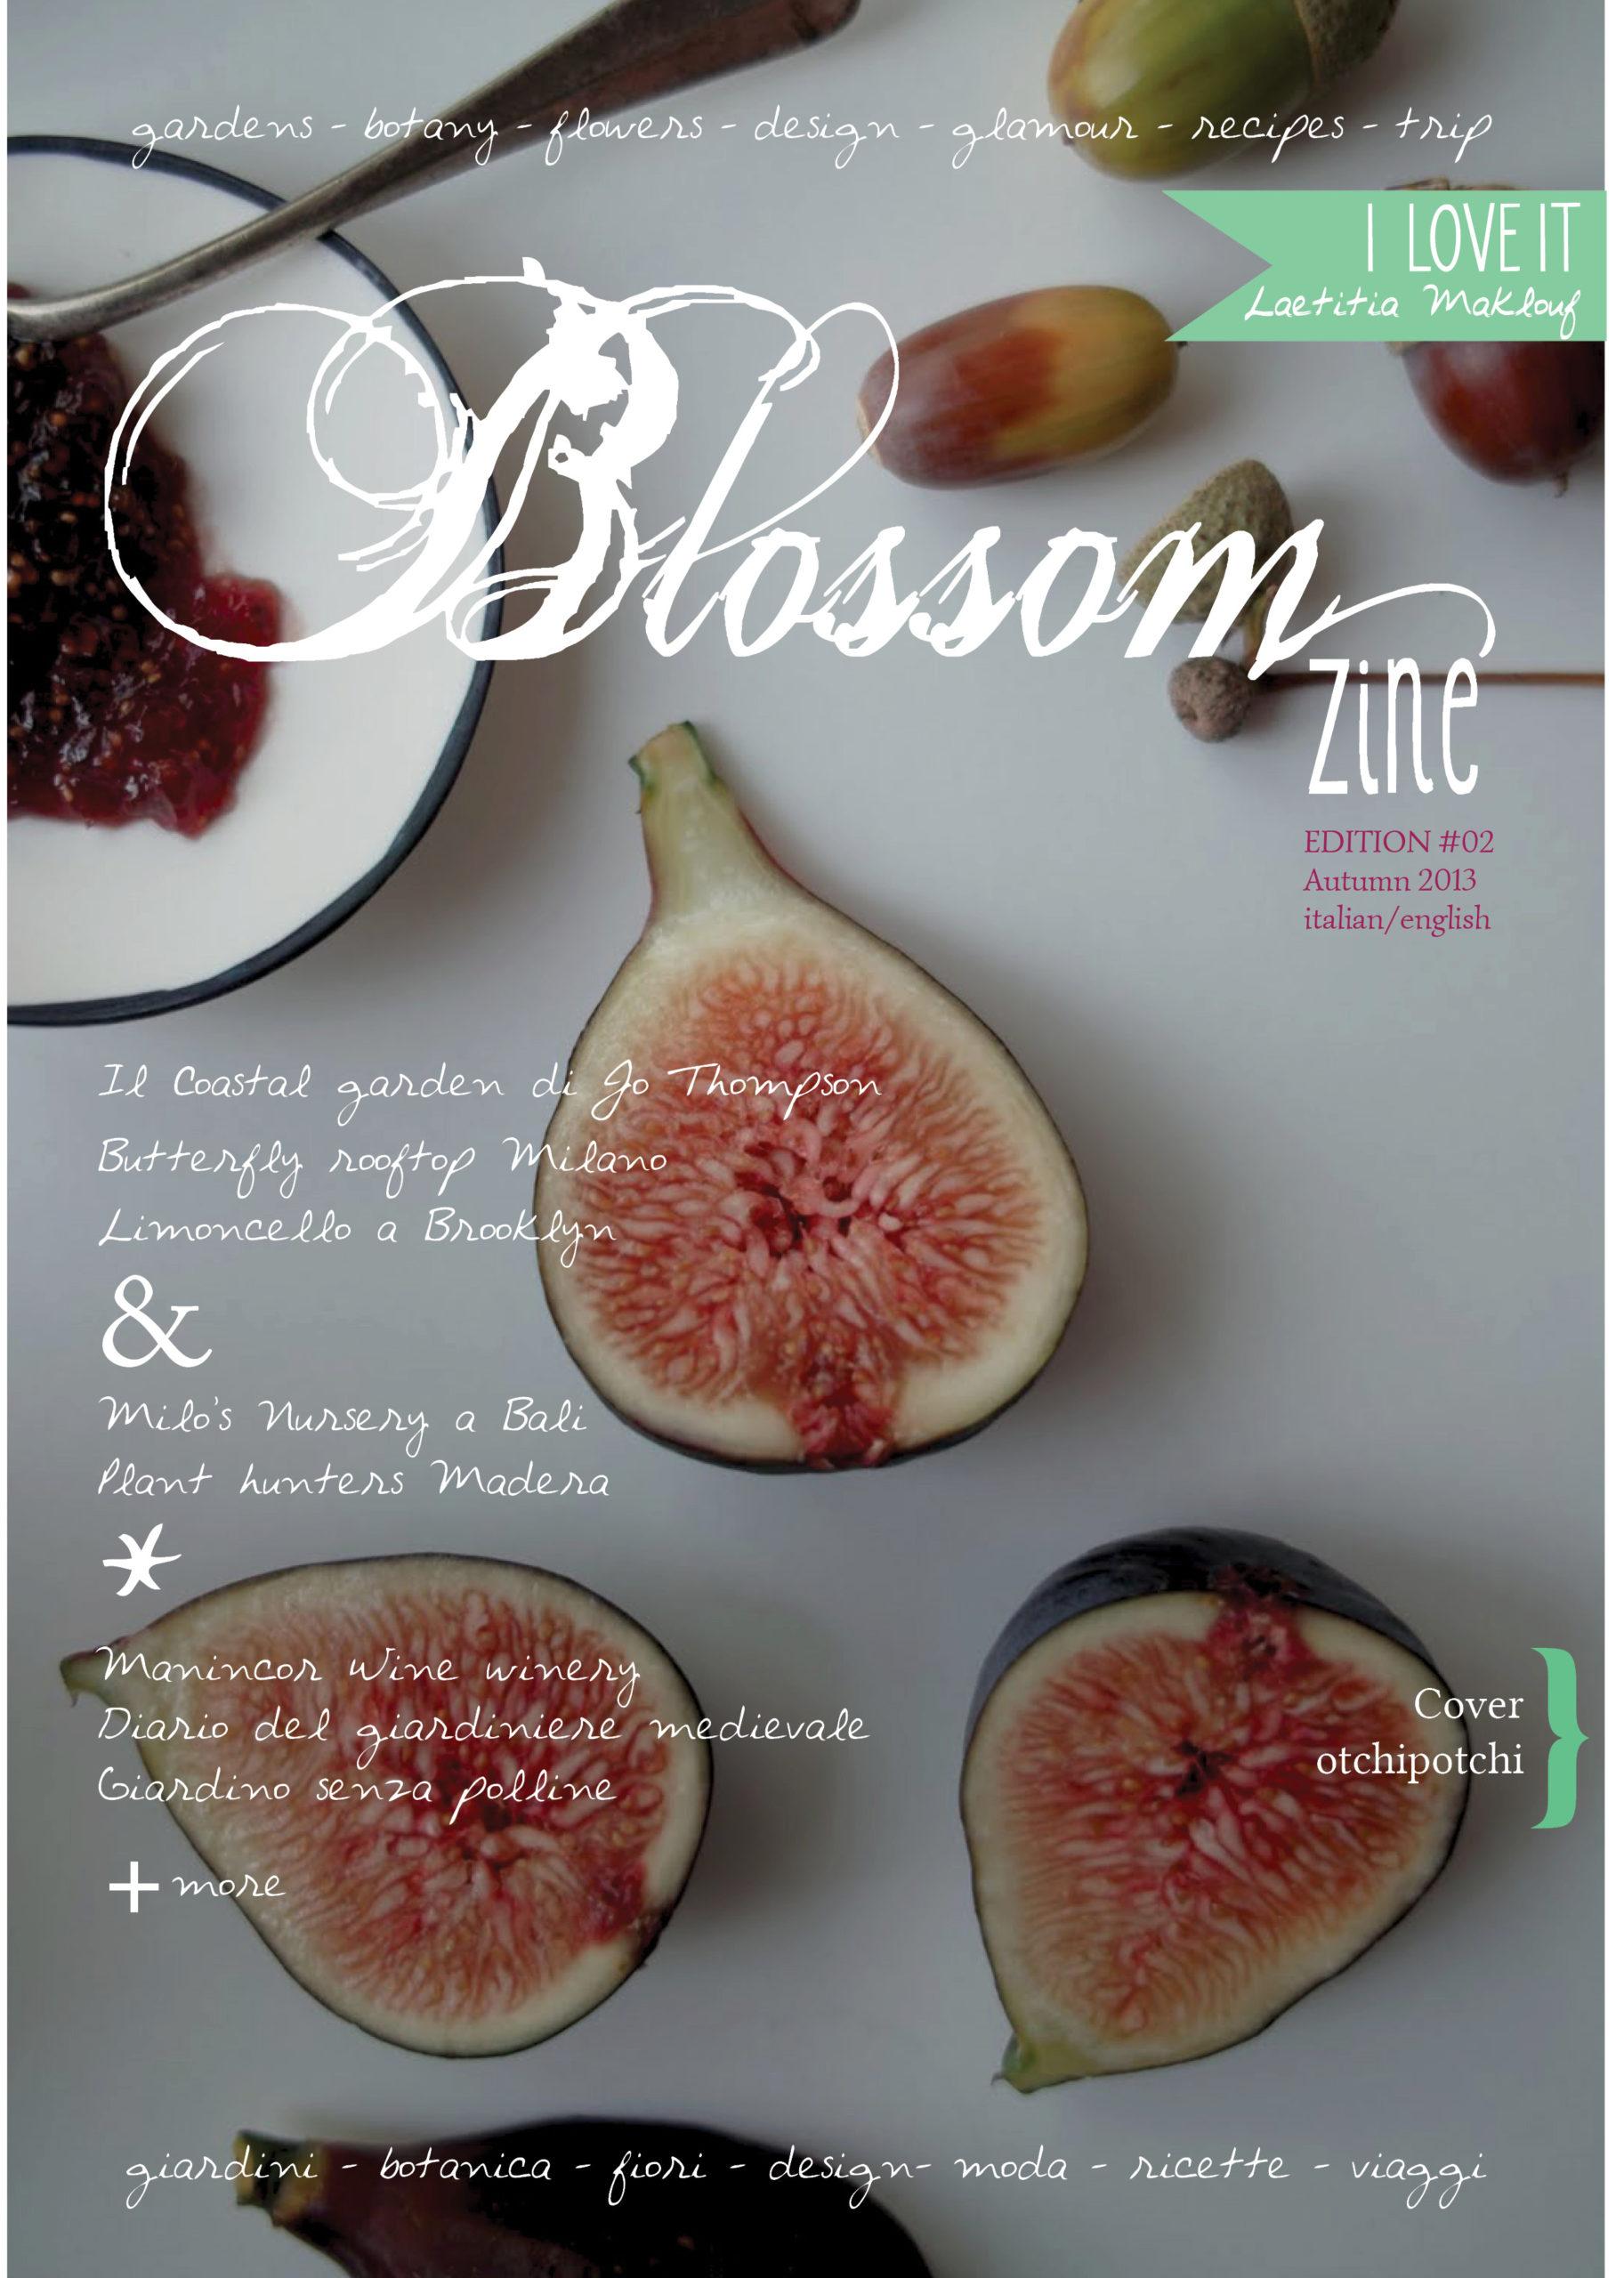 cover 2 blossom zine